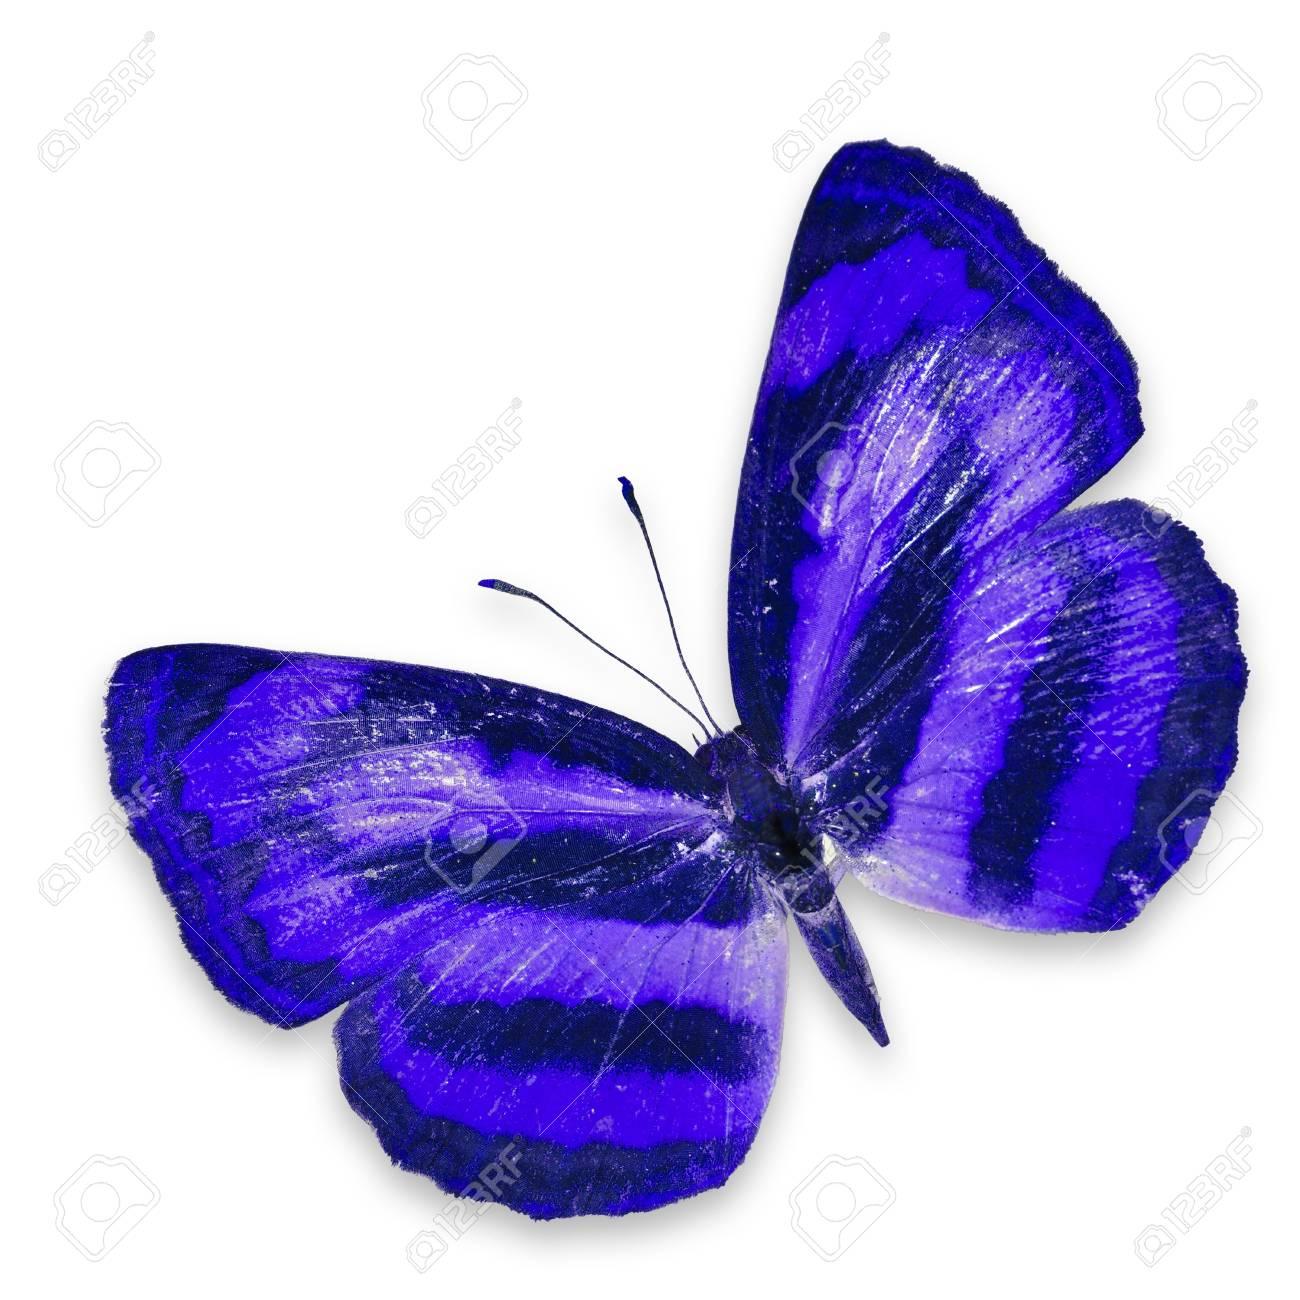 Immagini Stock Farfalla Blu Isolato Su Sfondo Bianco Image 17233517